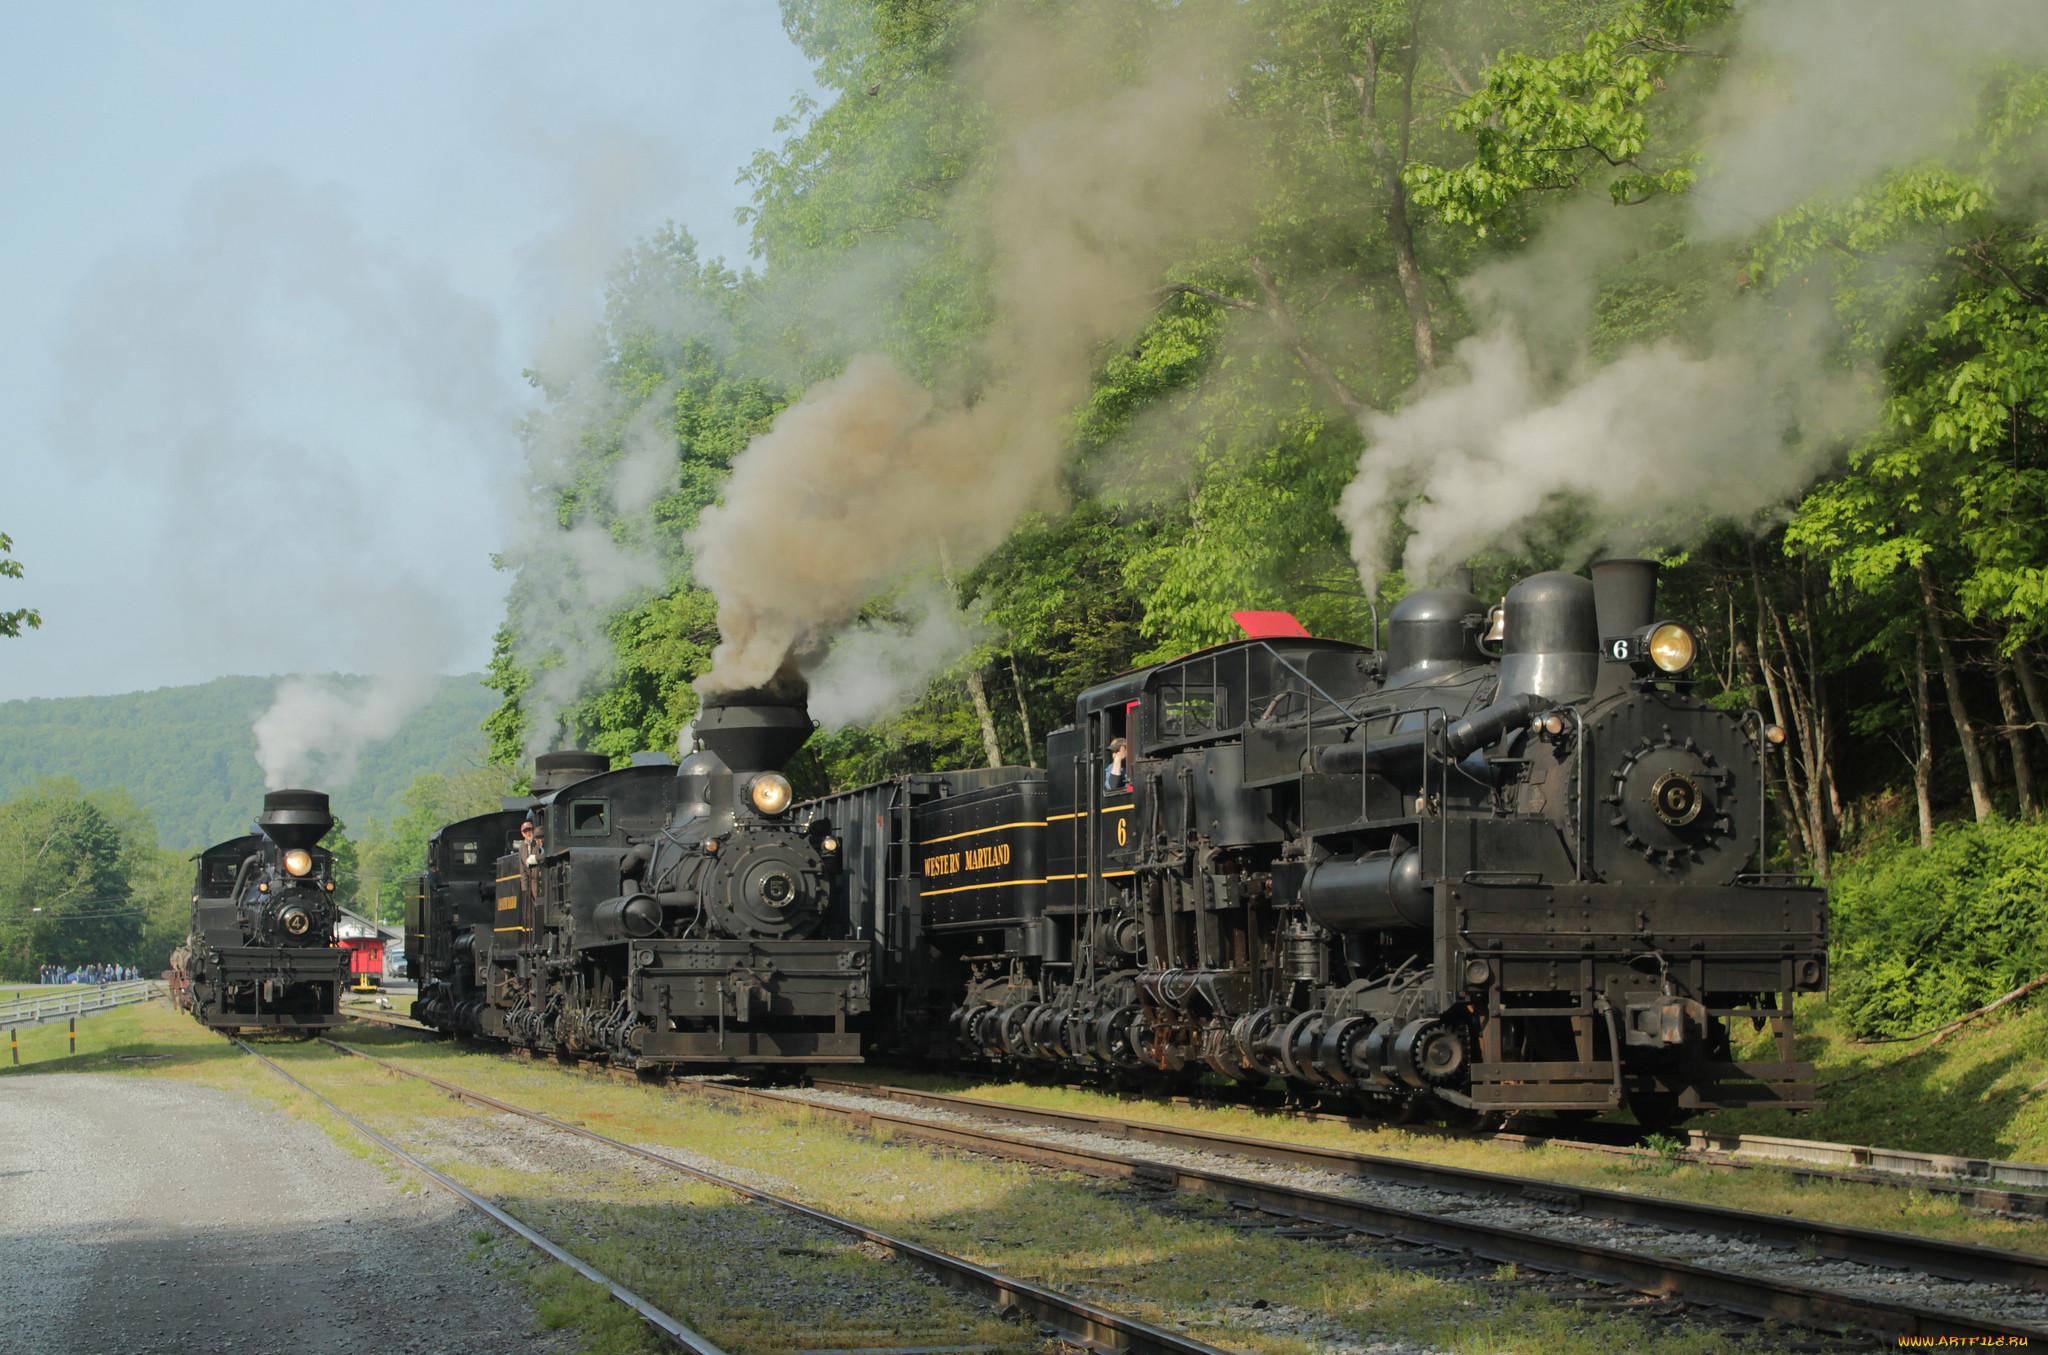 картинки паровозы шея локомотив данной статье вами